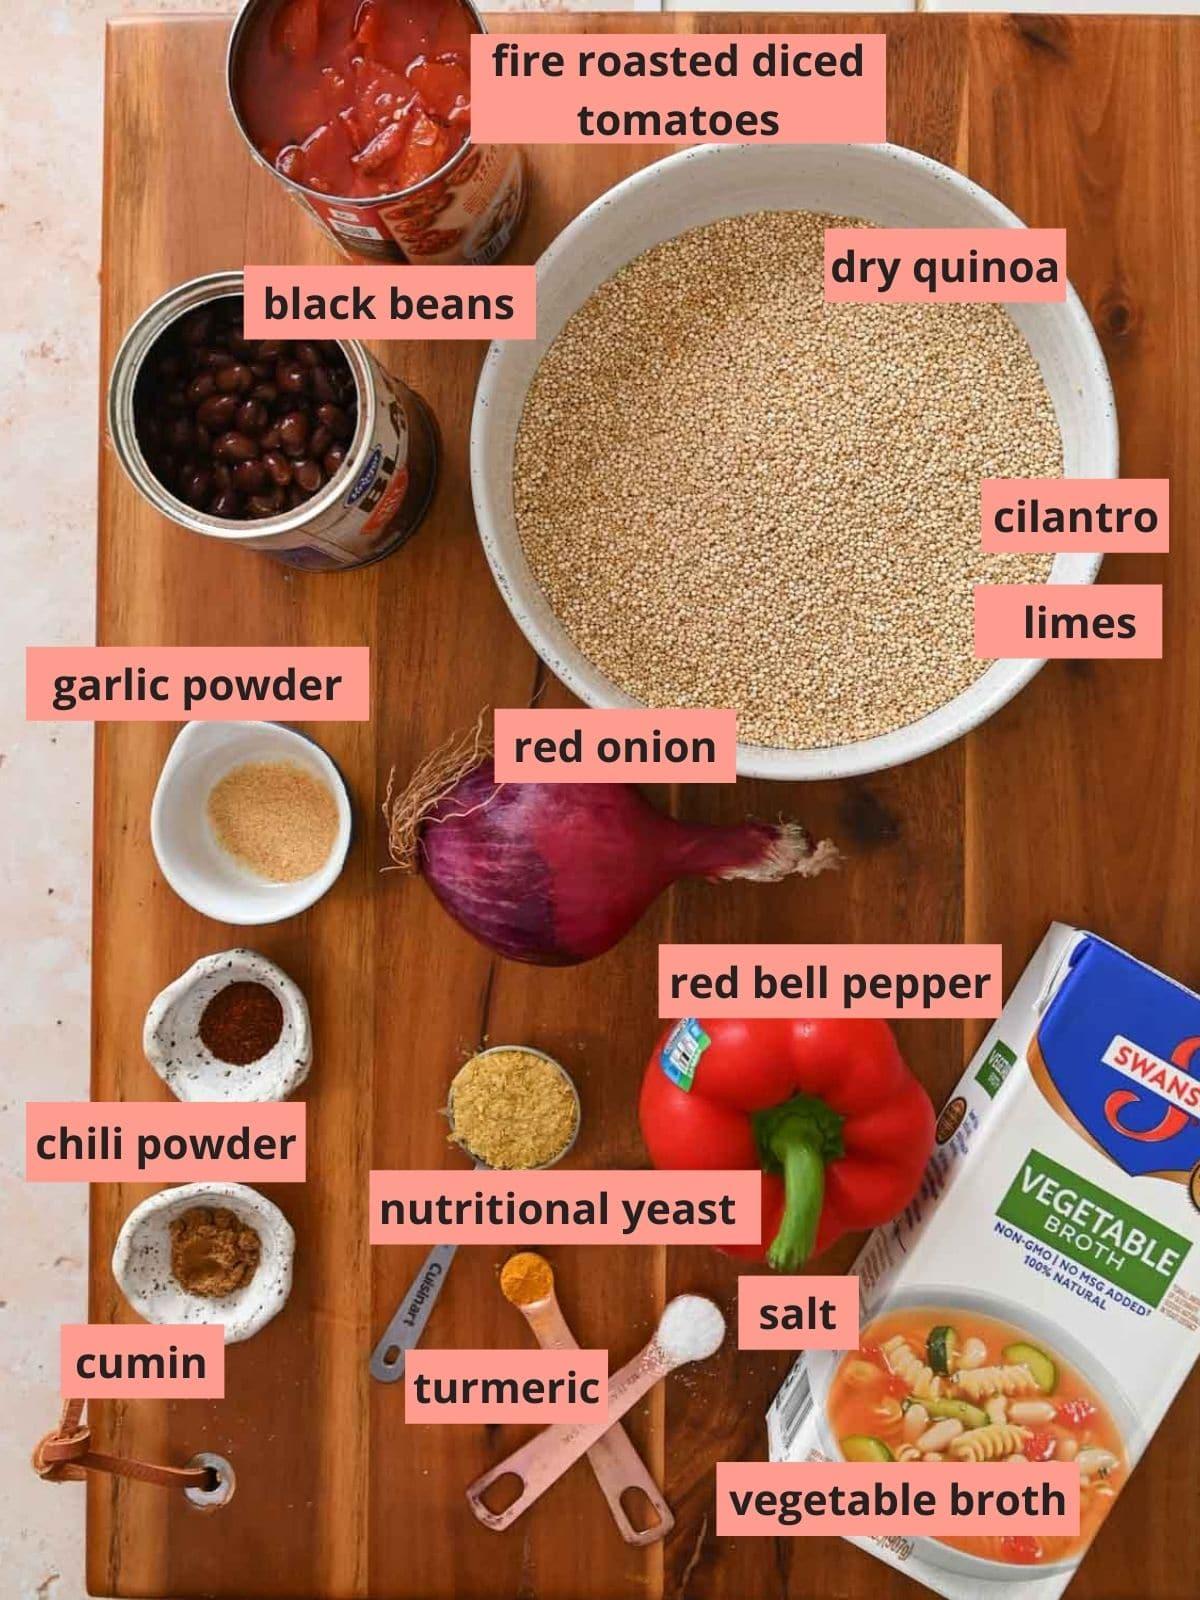 مواد مورد استفاده در تهیه سالاد کینوا را برچسب بزنید